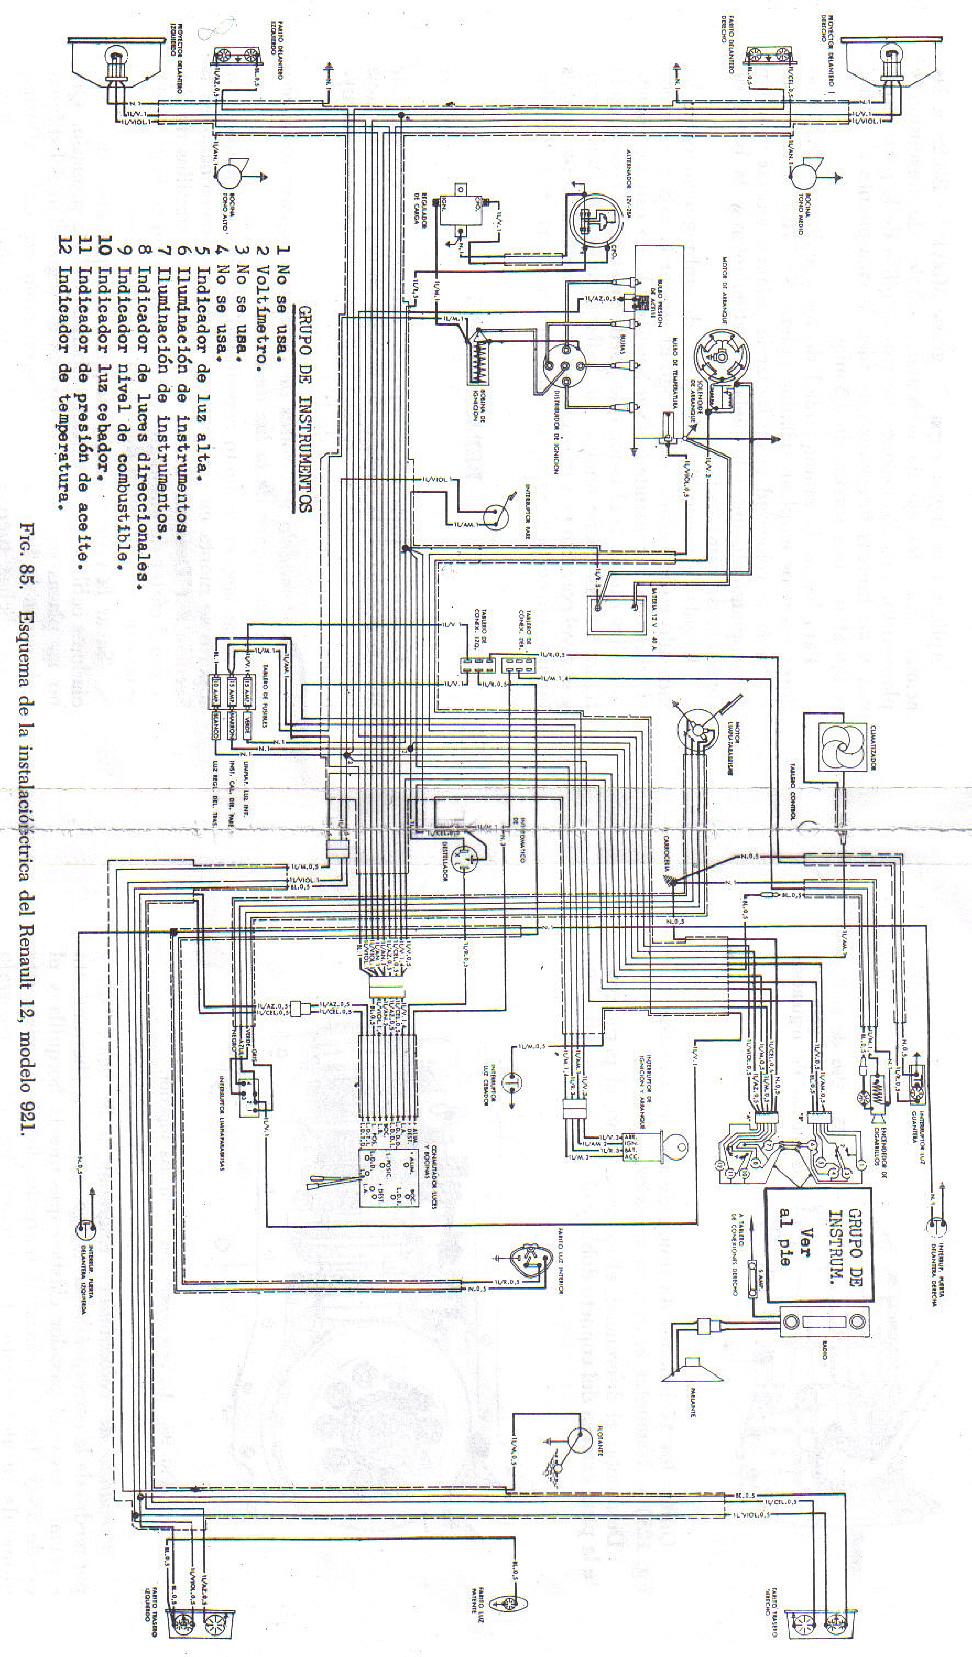 Ac U00c0 Est U00c0 El Diagrama El U00c8ctrico Completo Del Renault 12